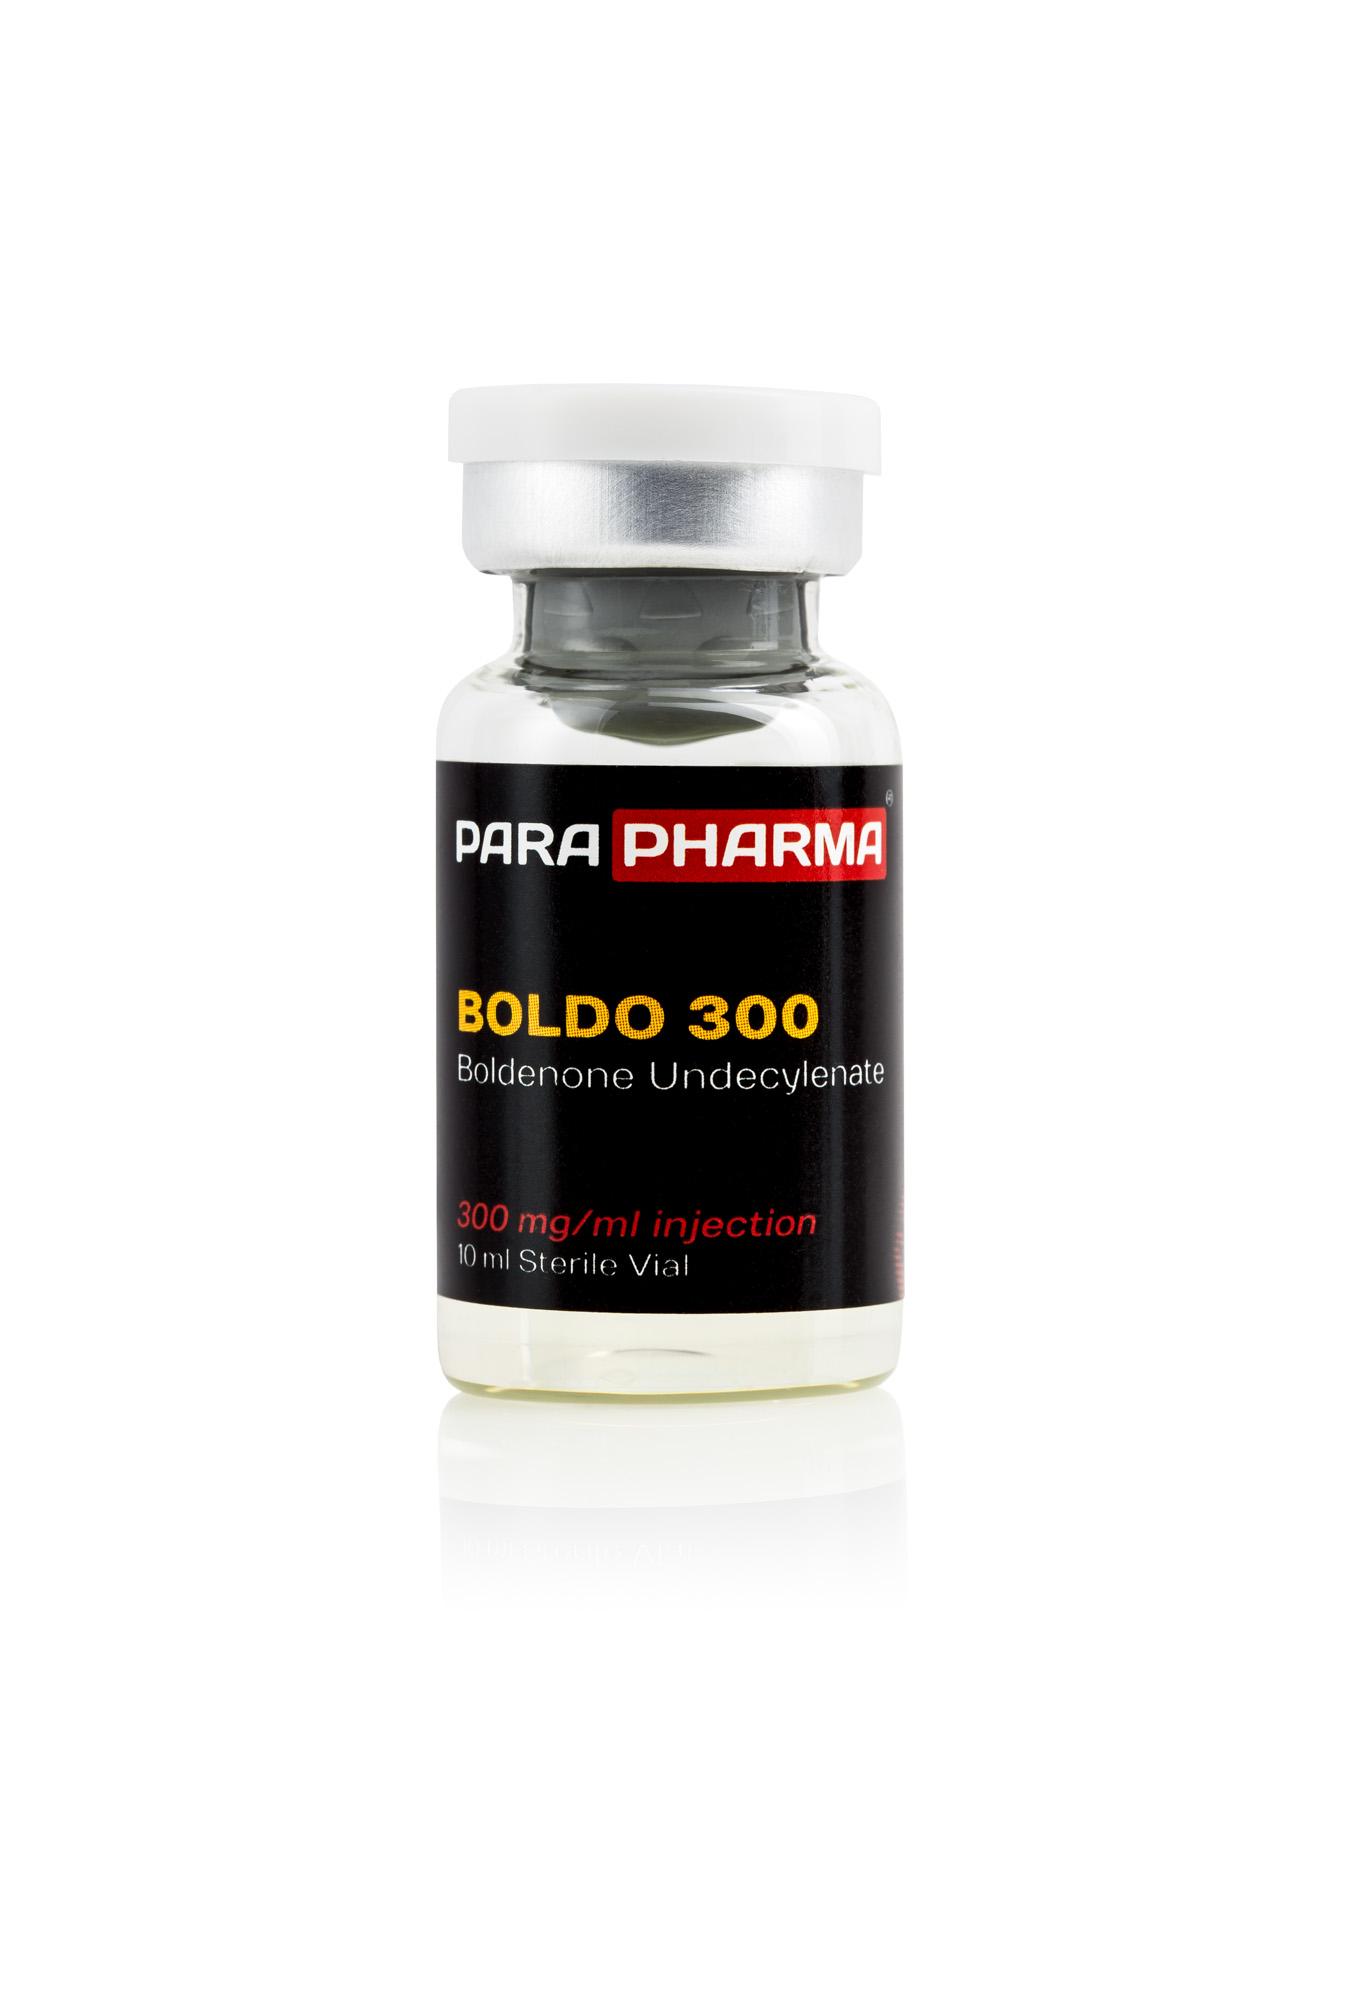 para pharma